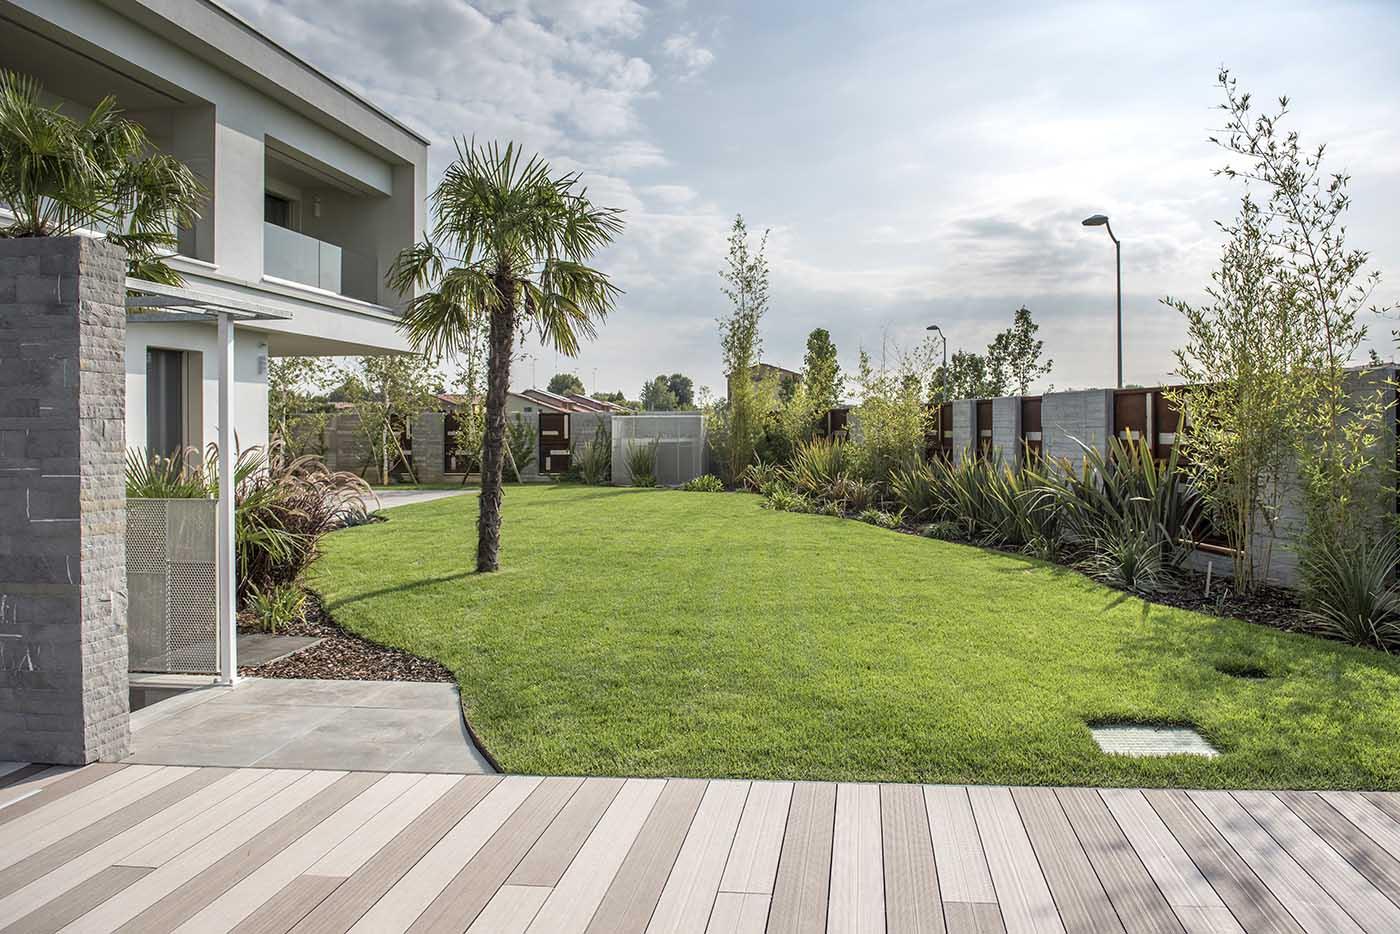 giardini reggio emilia 15 giardiniere modena green creations